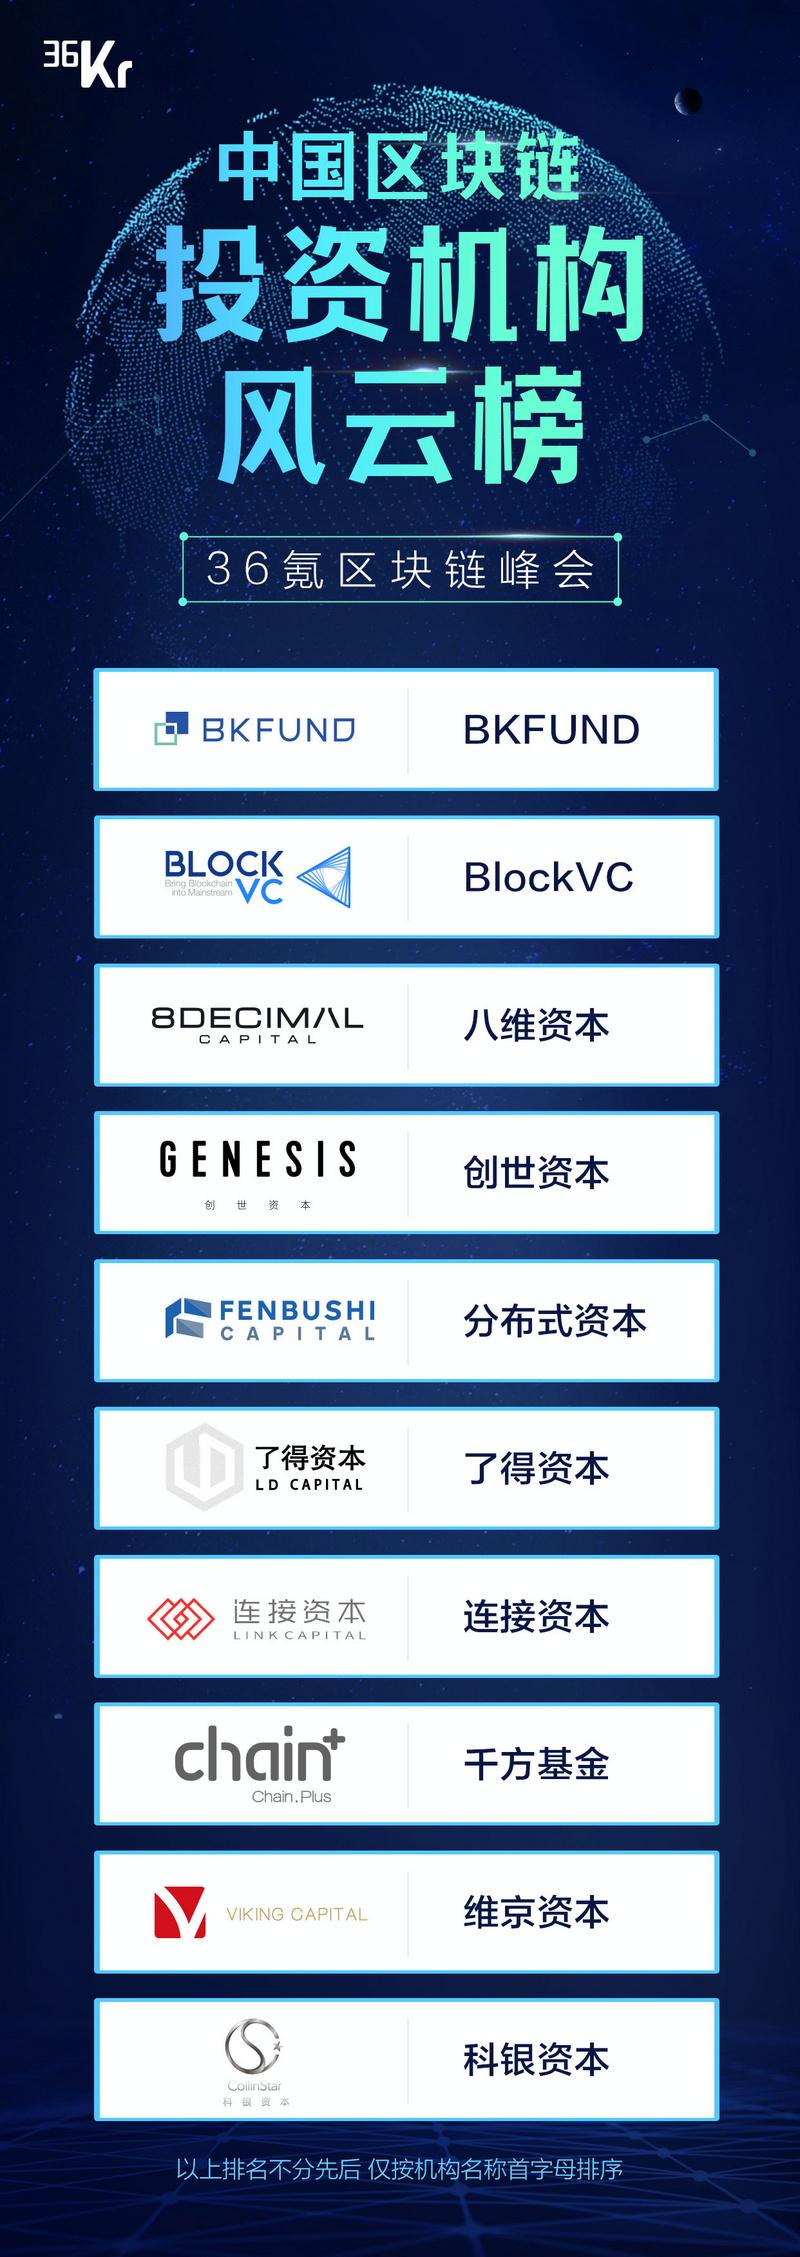 重磅发布!36氪中国区块链投资机构风云榜